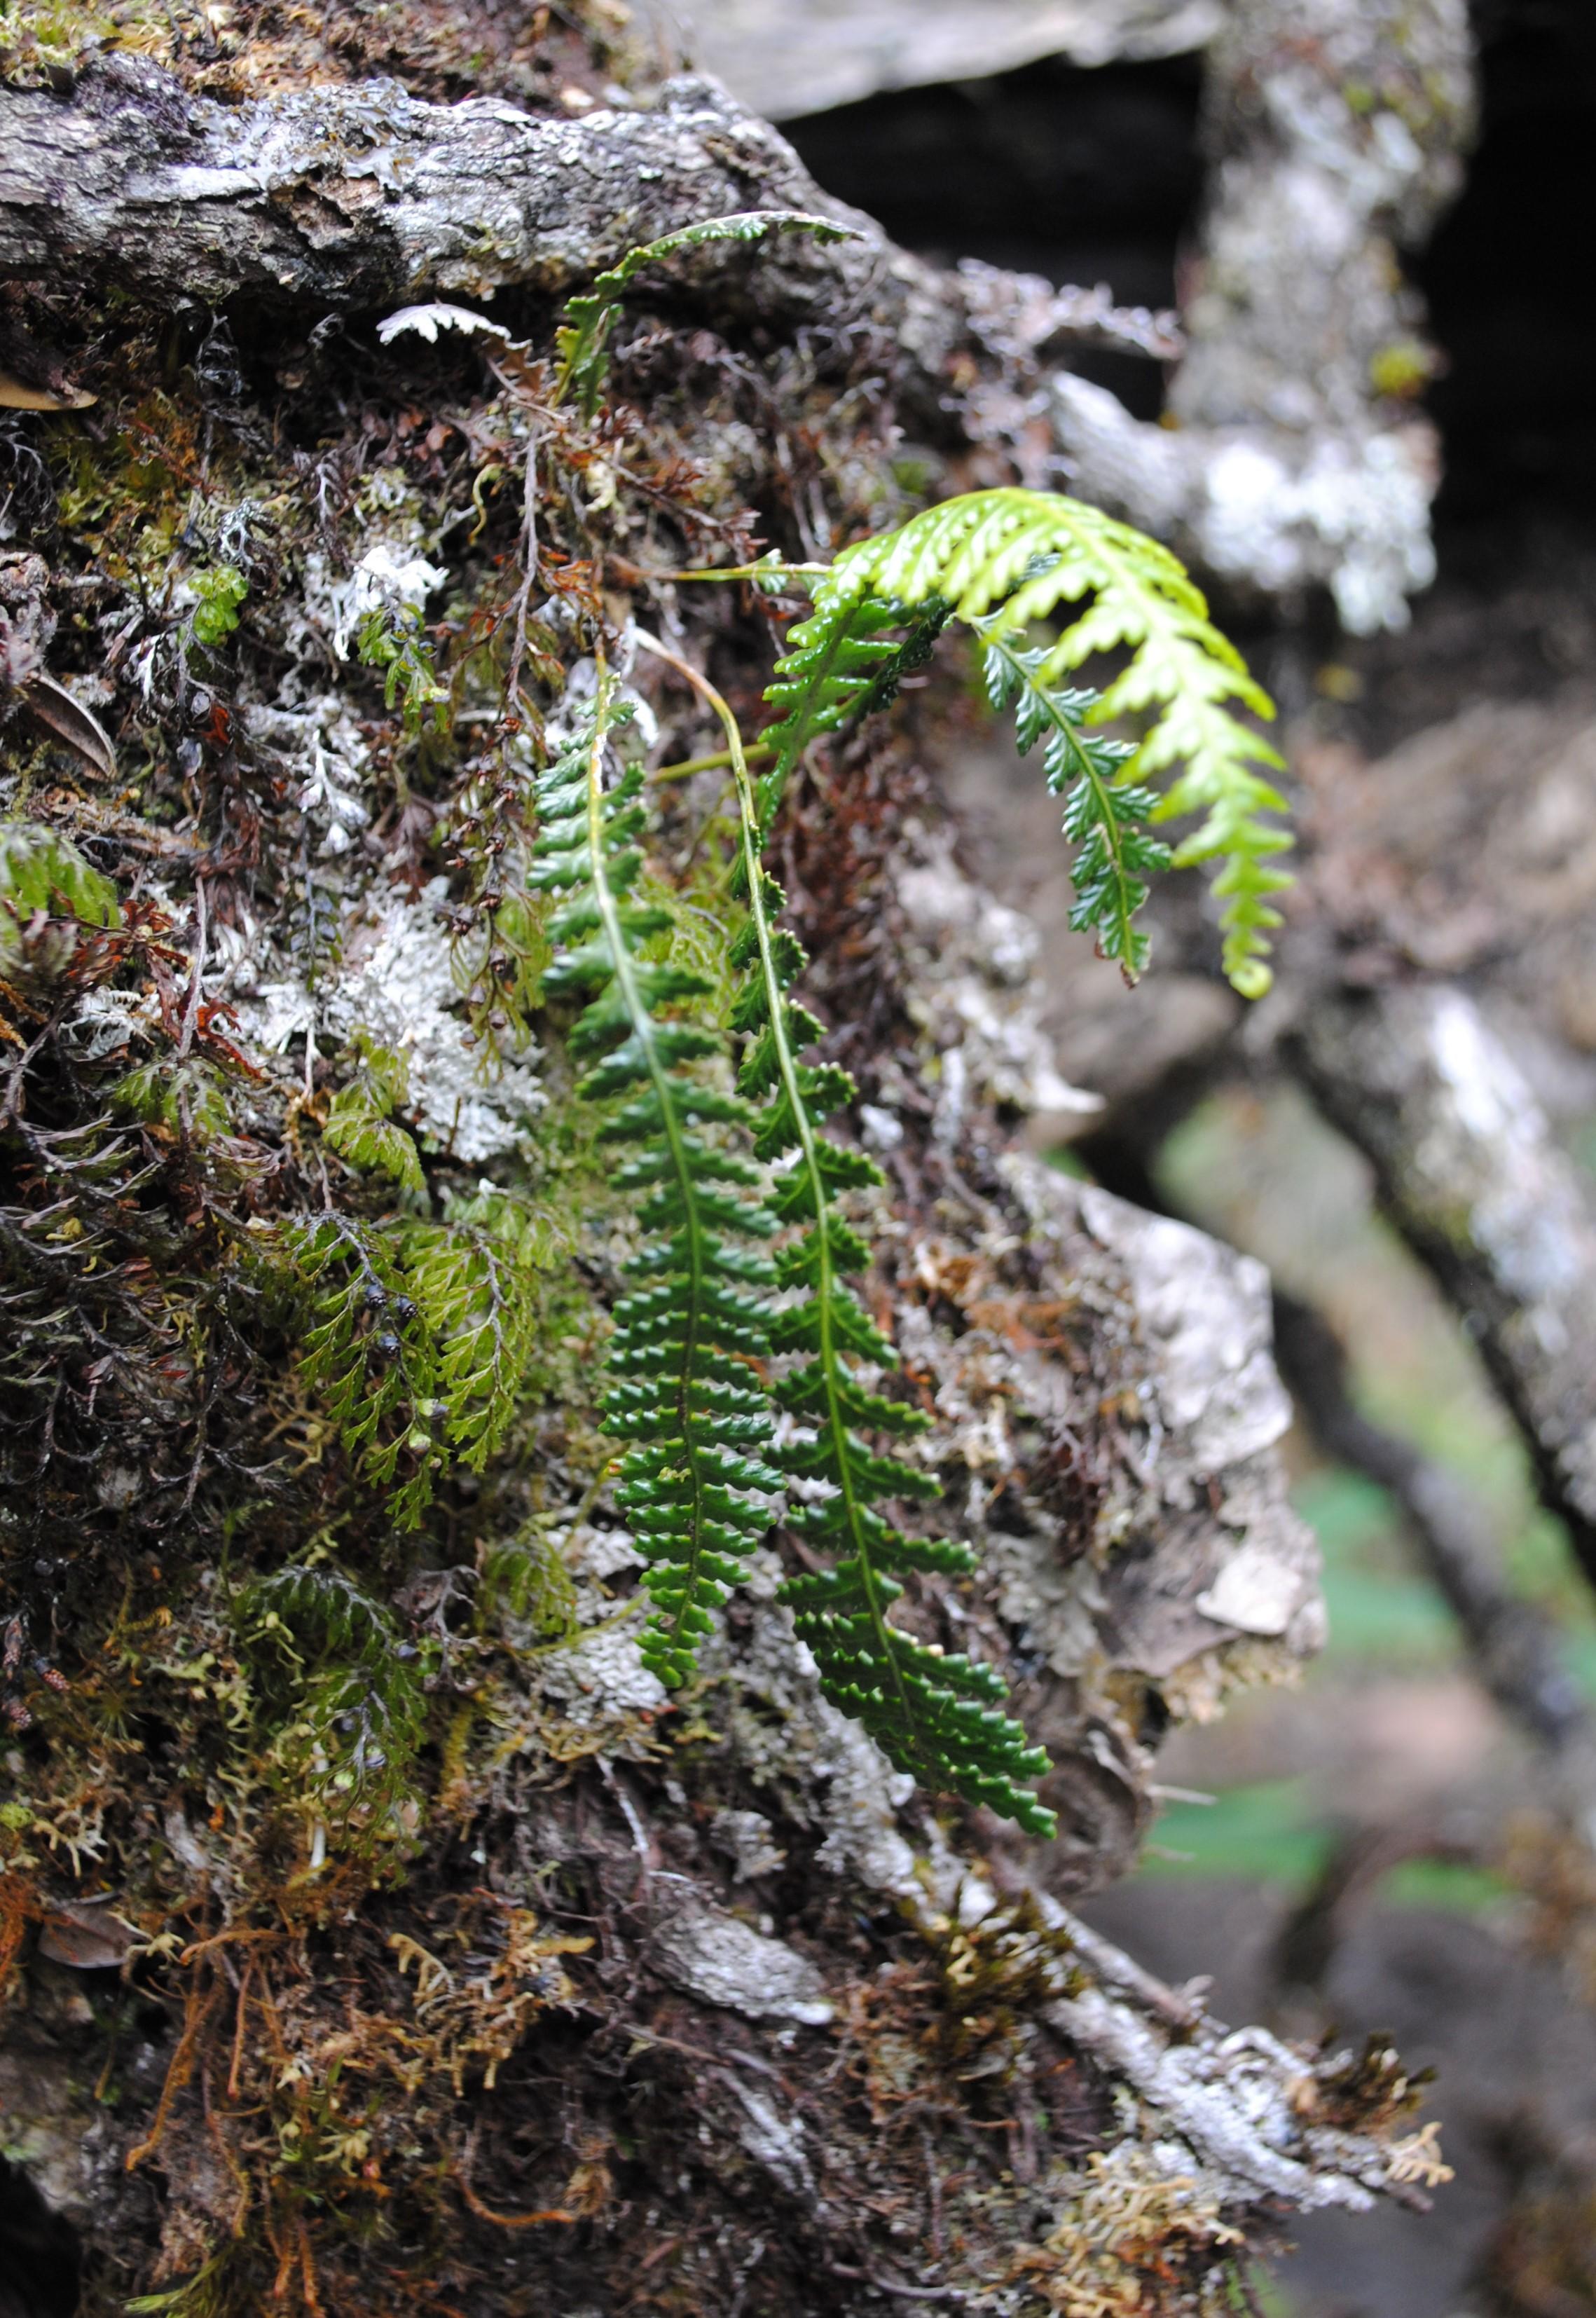 Ctenopterella sp.